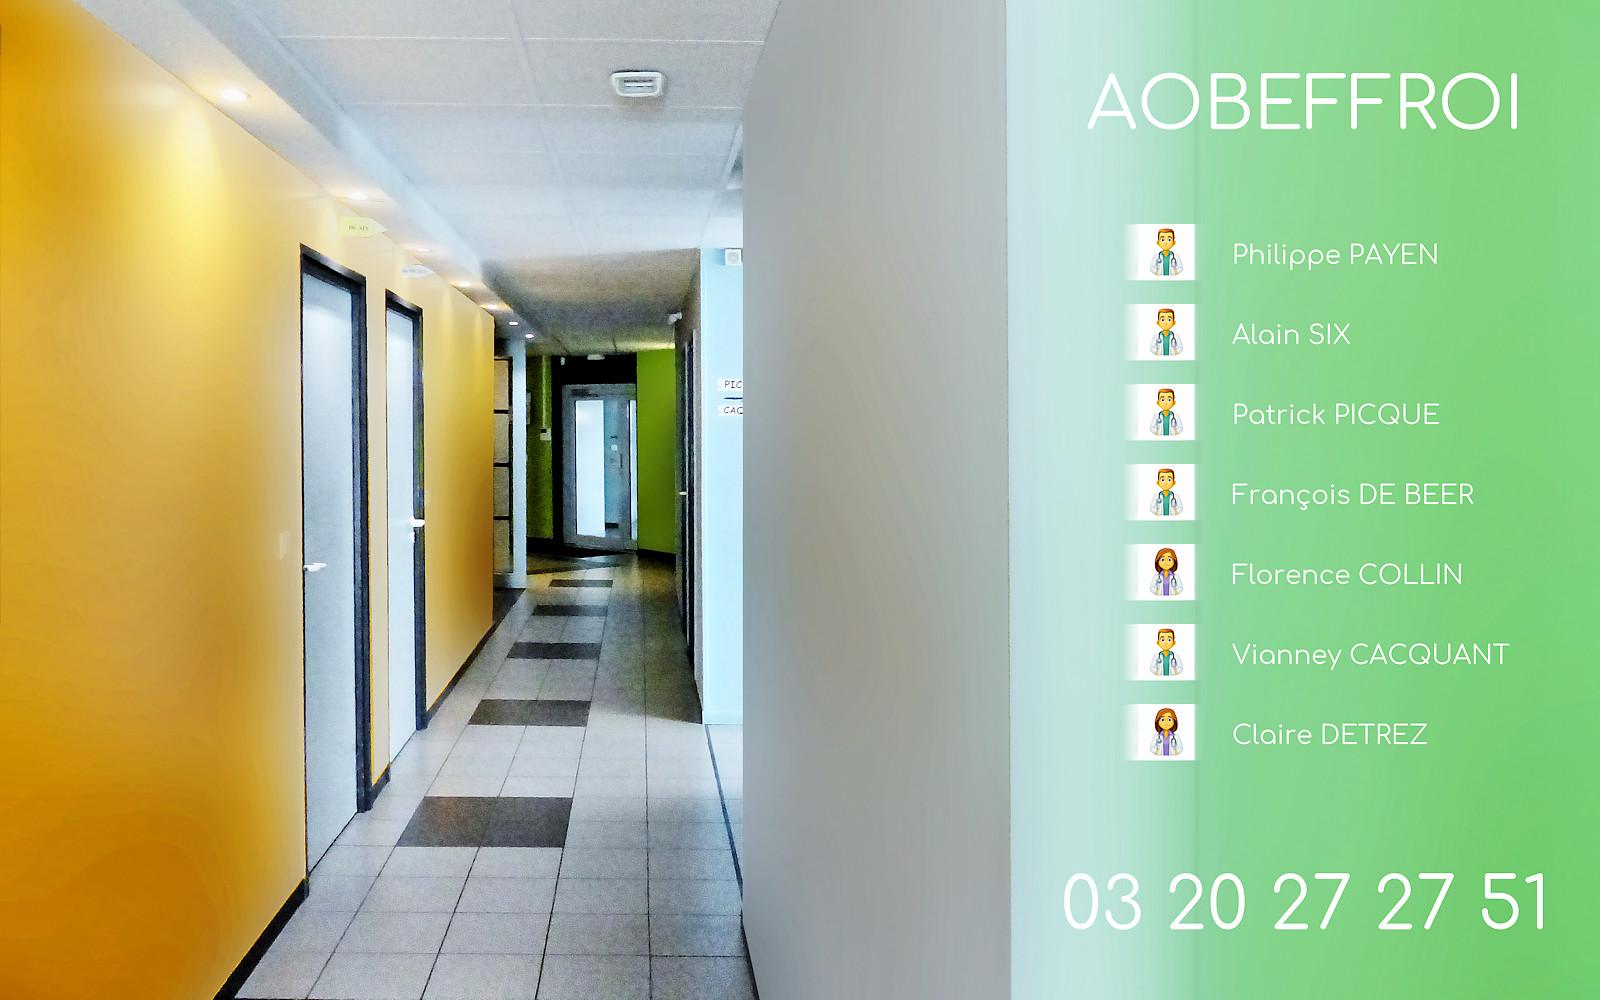 AOBEFFROI Tourcoing - Ophtalmologistes Orthoptistes Tourcoing